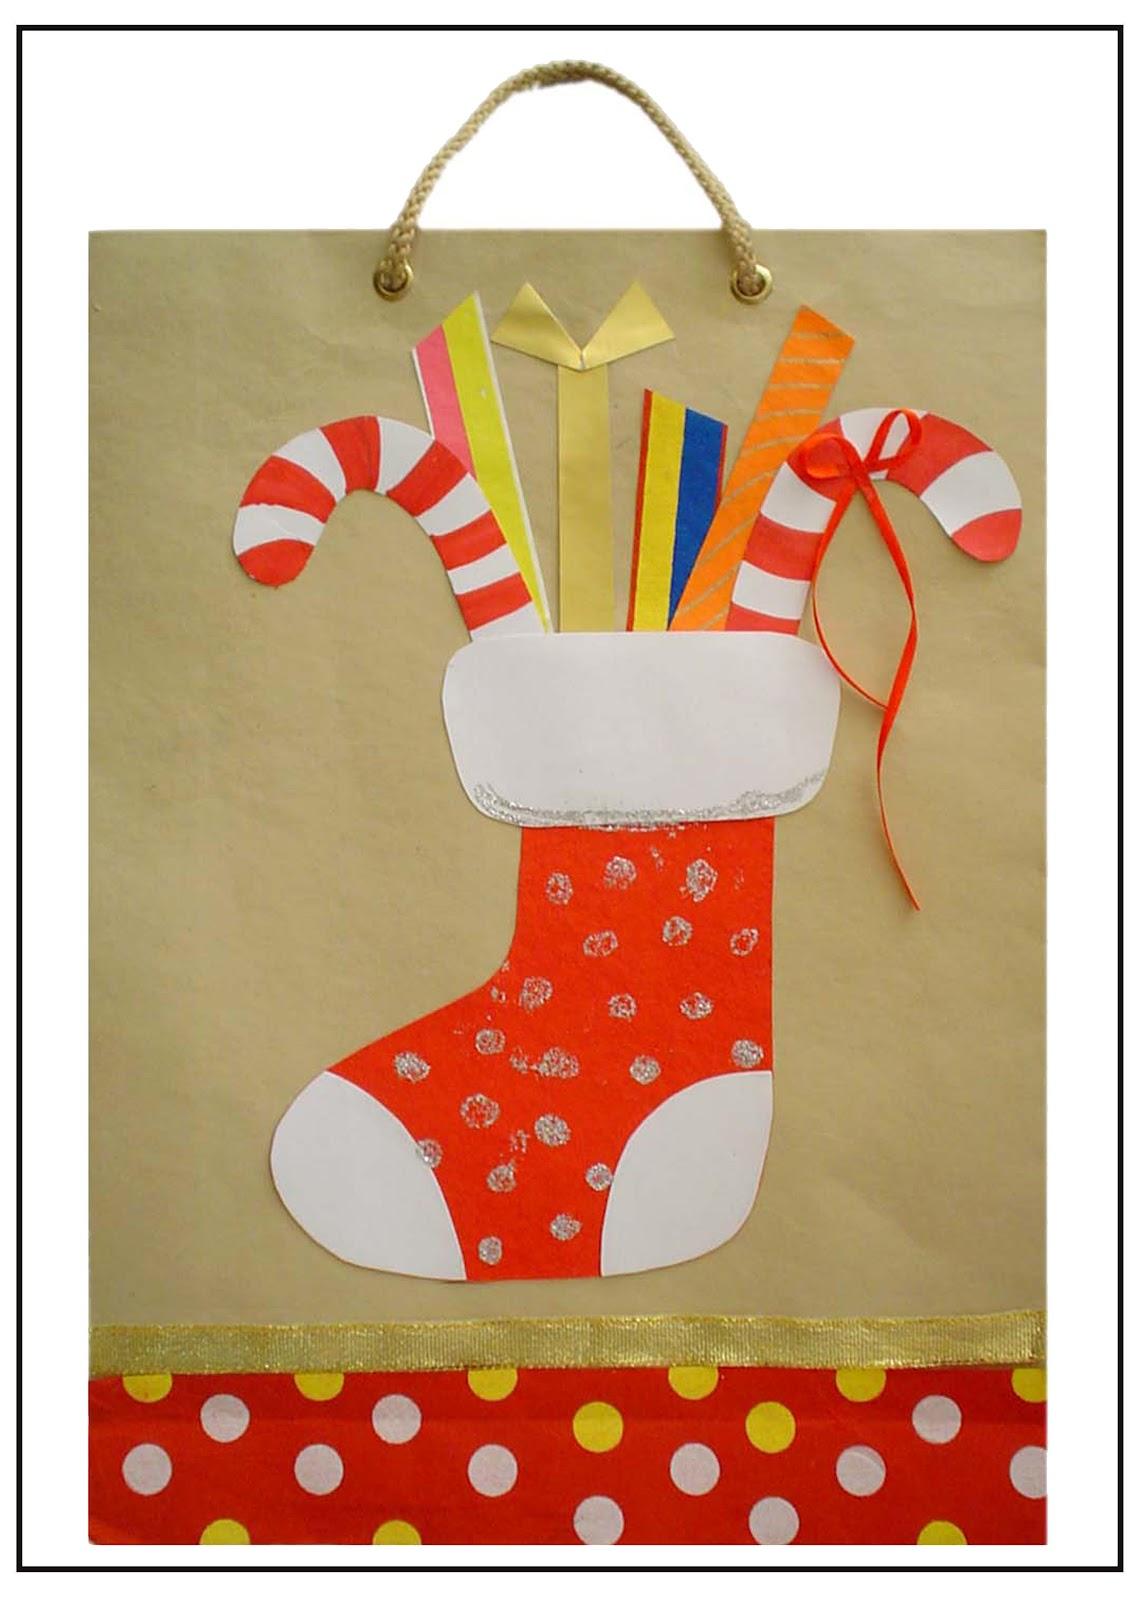 http://3.bp.blogspot.com/-azsXiTORrEs/T6TLPQ9aFDI/AAAAAAAAAjw/fBgiRJN7fFk/s1600/Christmas+Stocking+Bag+.jpg